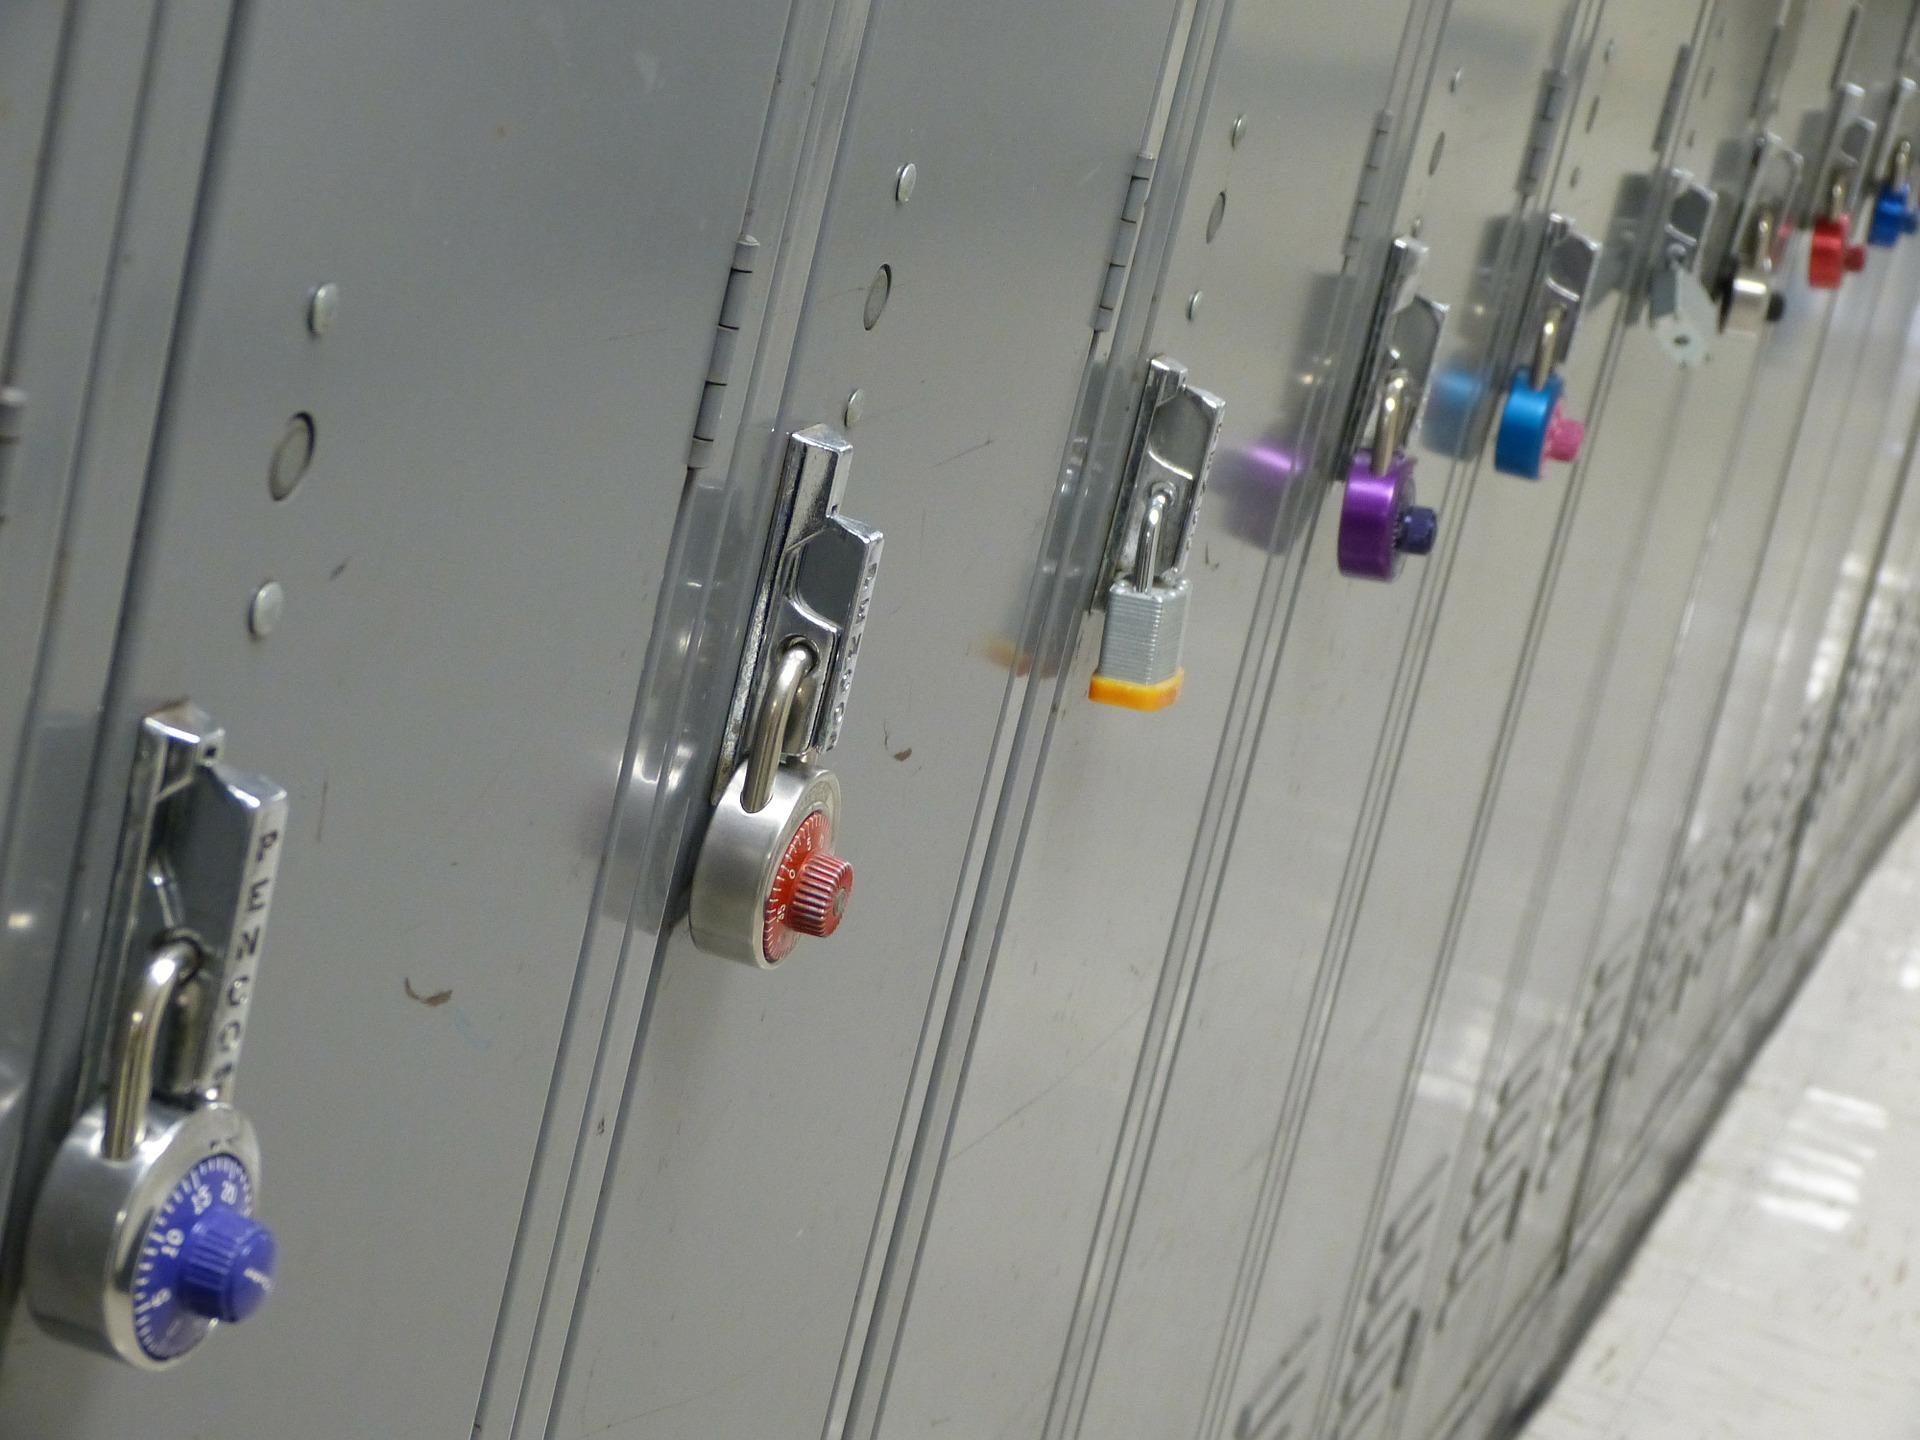 למה חשוב שיהיו לוקרים בכל בית ספר?